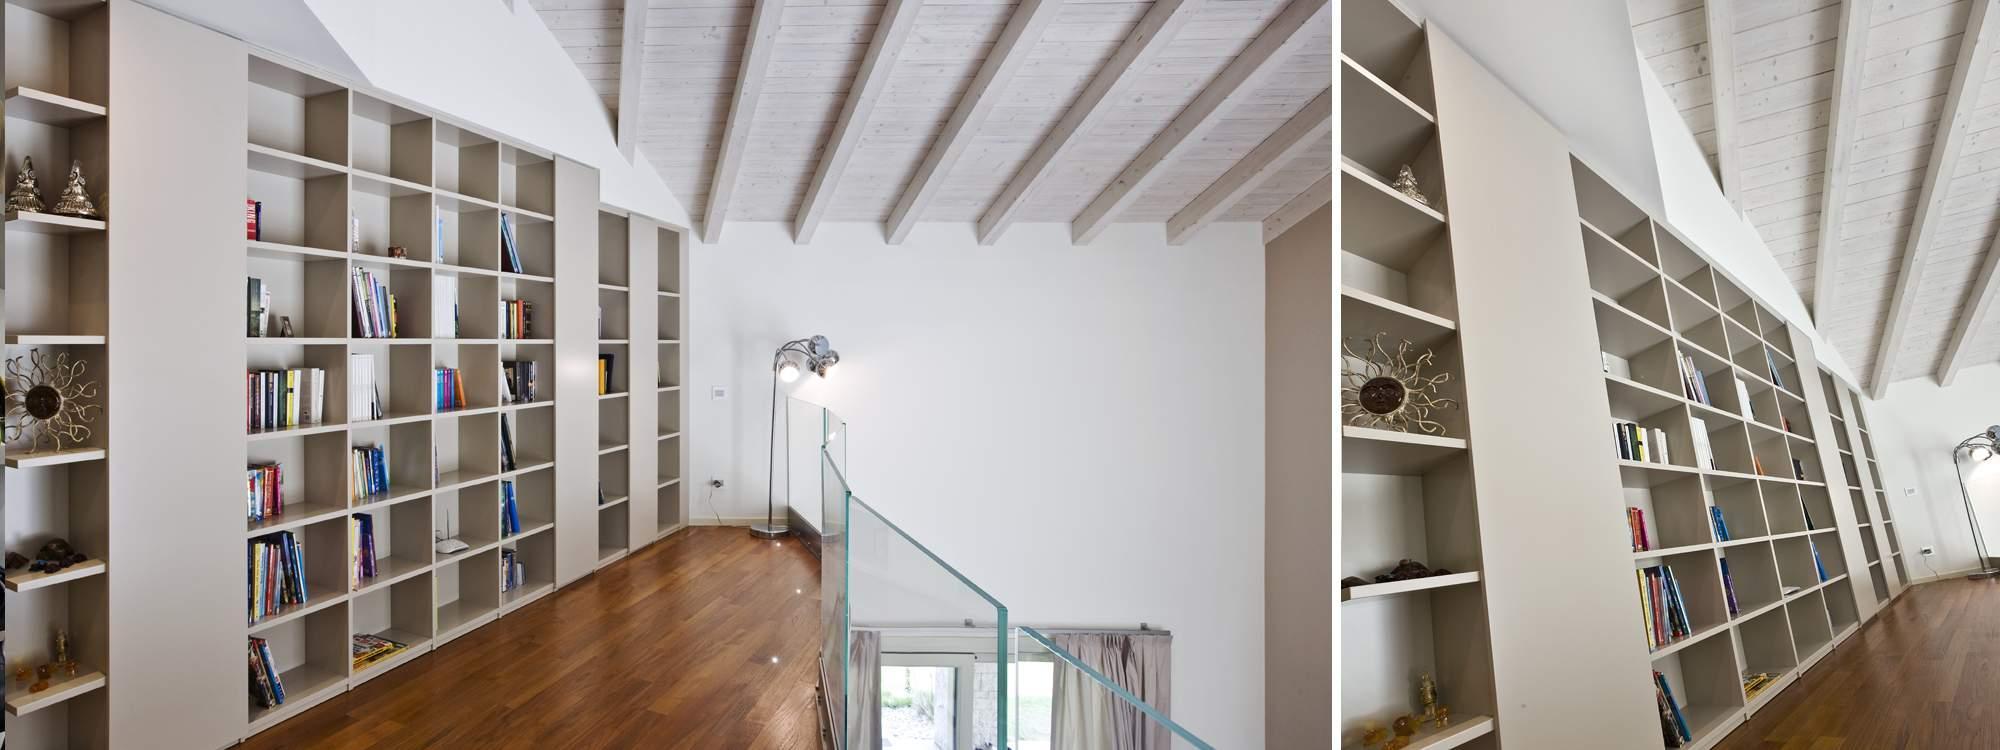 Home cucine opinioni perfect ernestomeda with home cucine opinioni living with home cucine - Arredo tre cucine opinioni ...